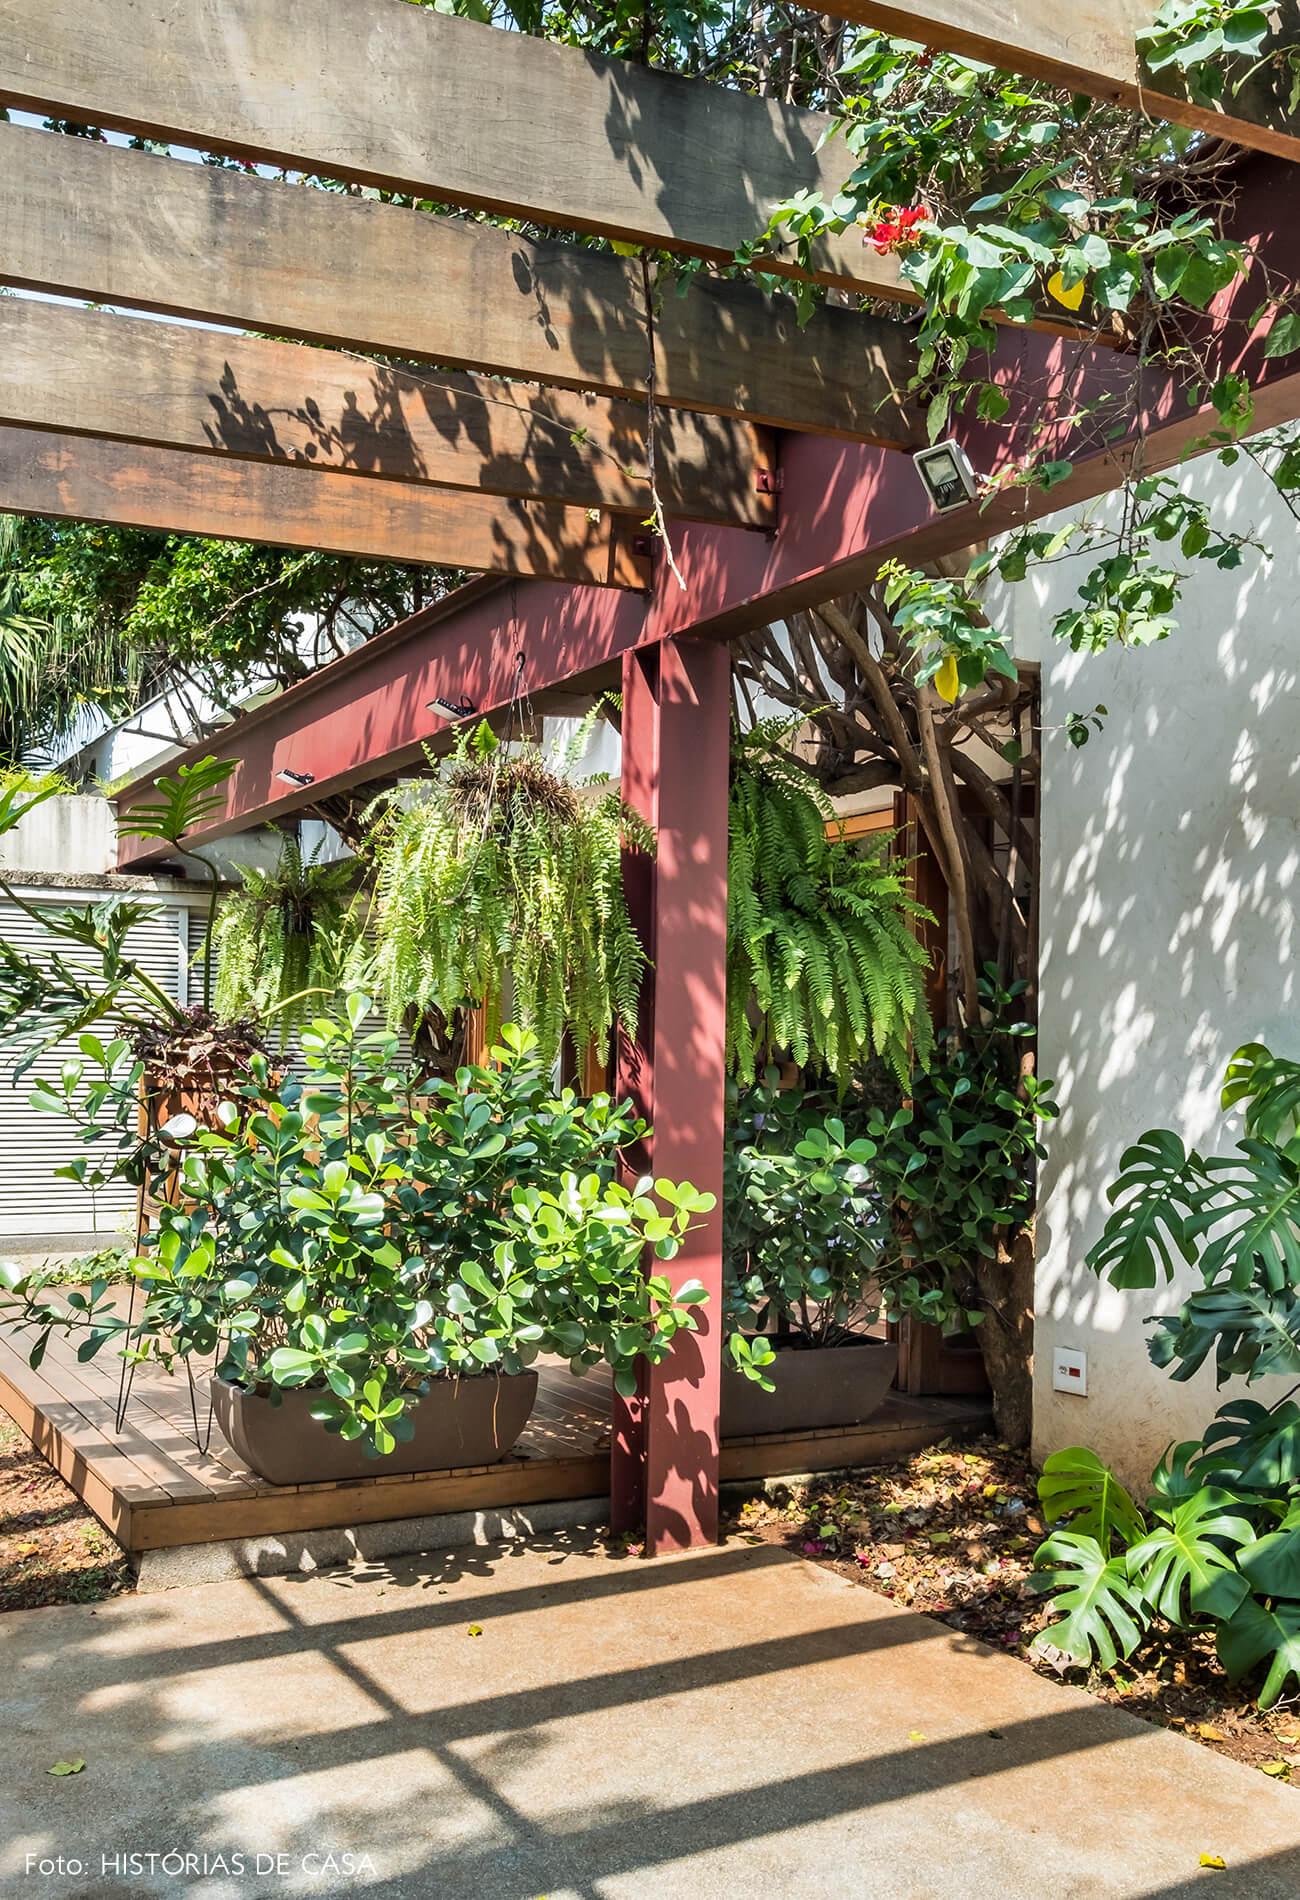 Casa com jardim. Vigas coloridas e plantas penduradas.